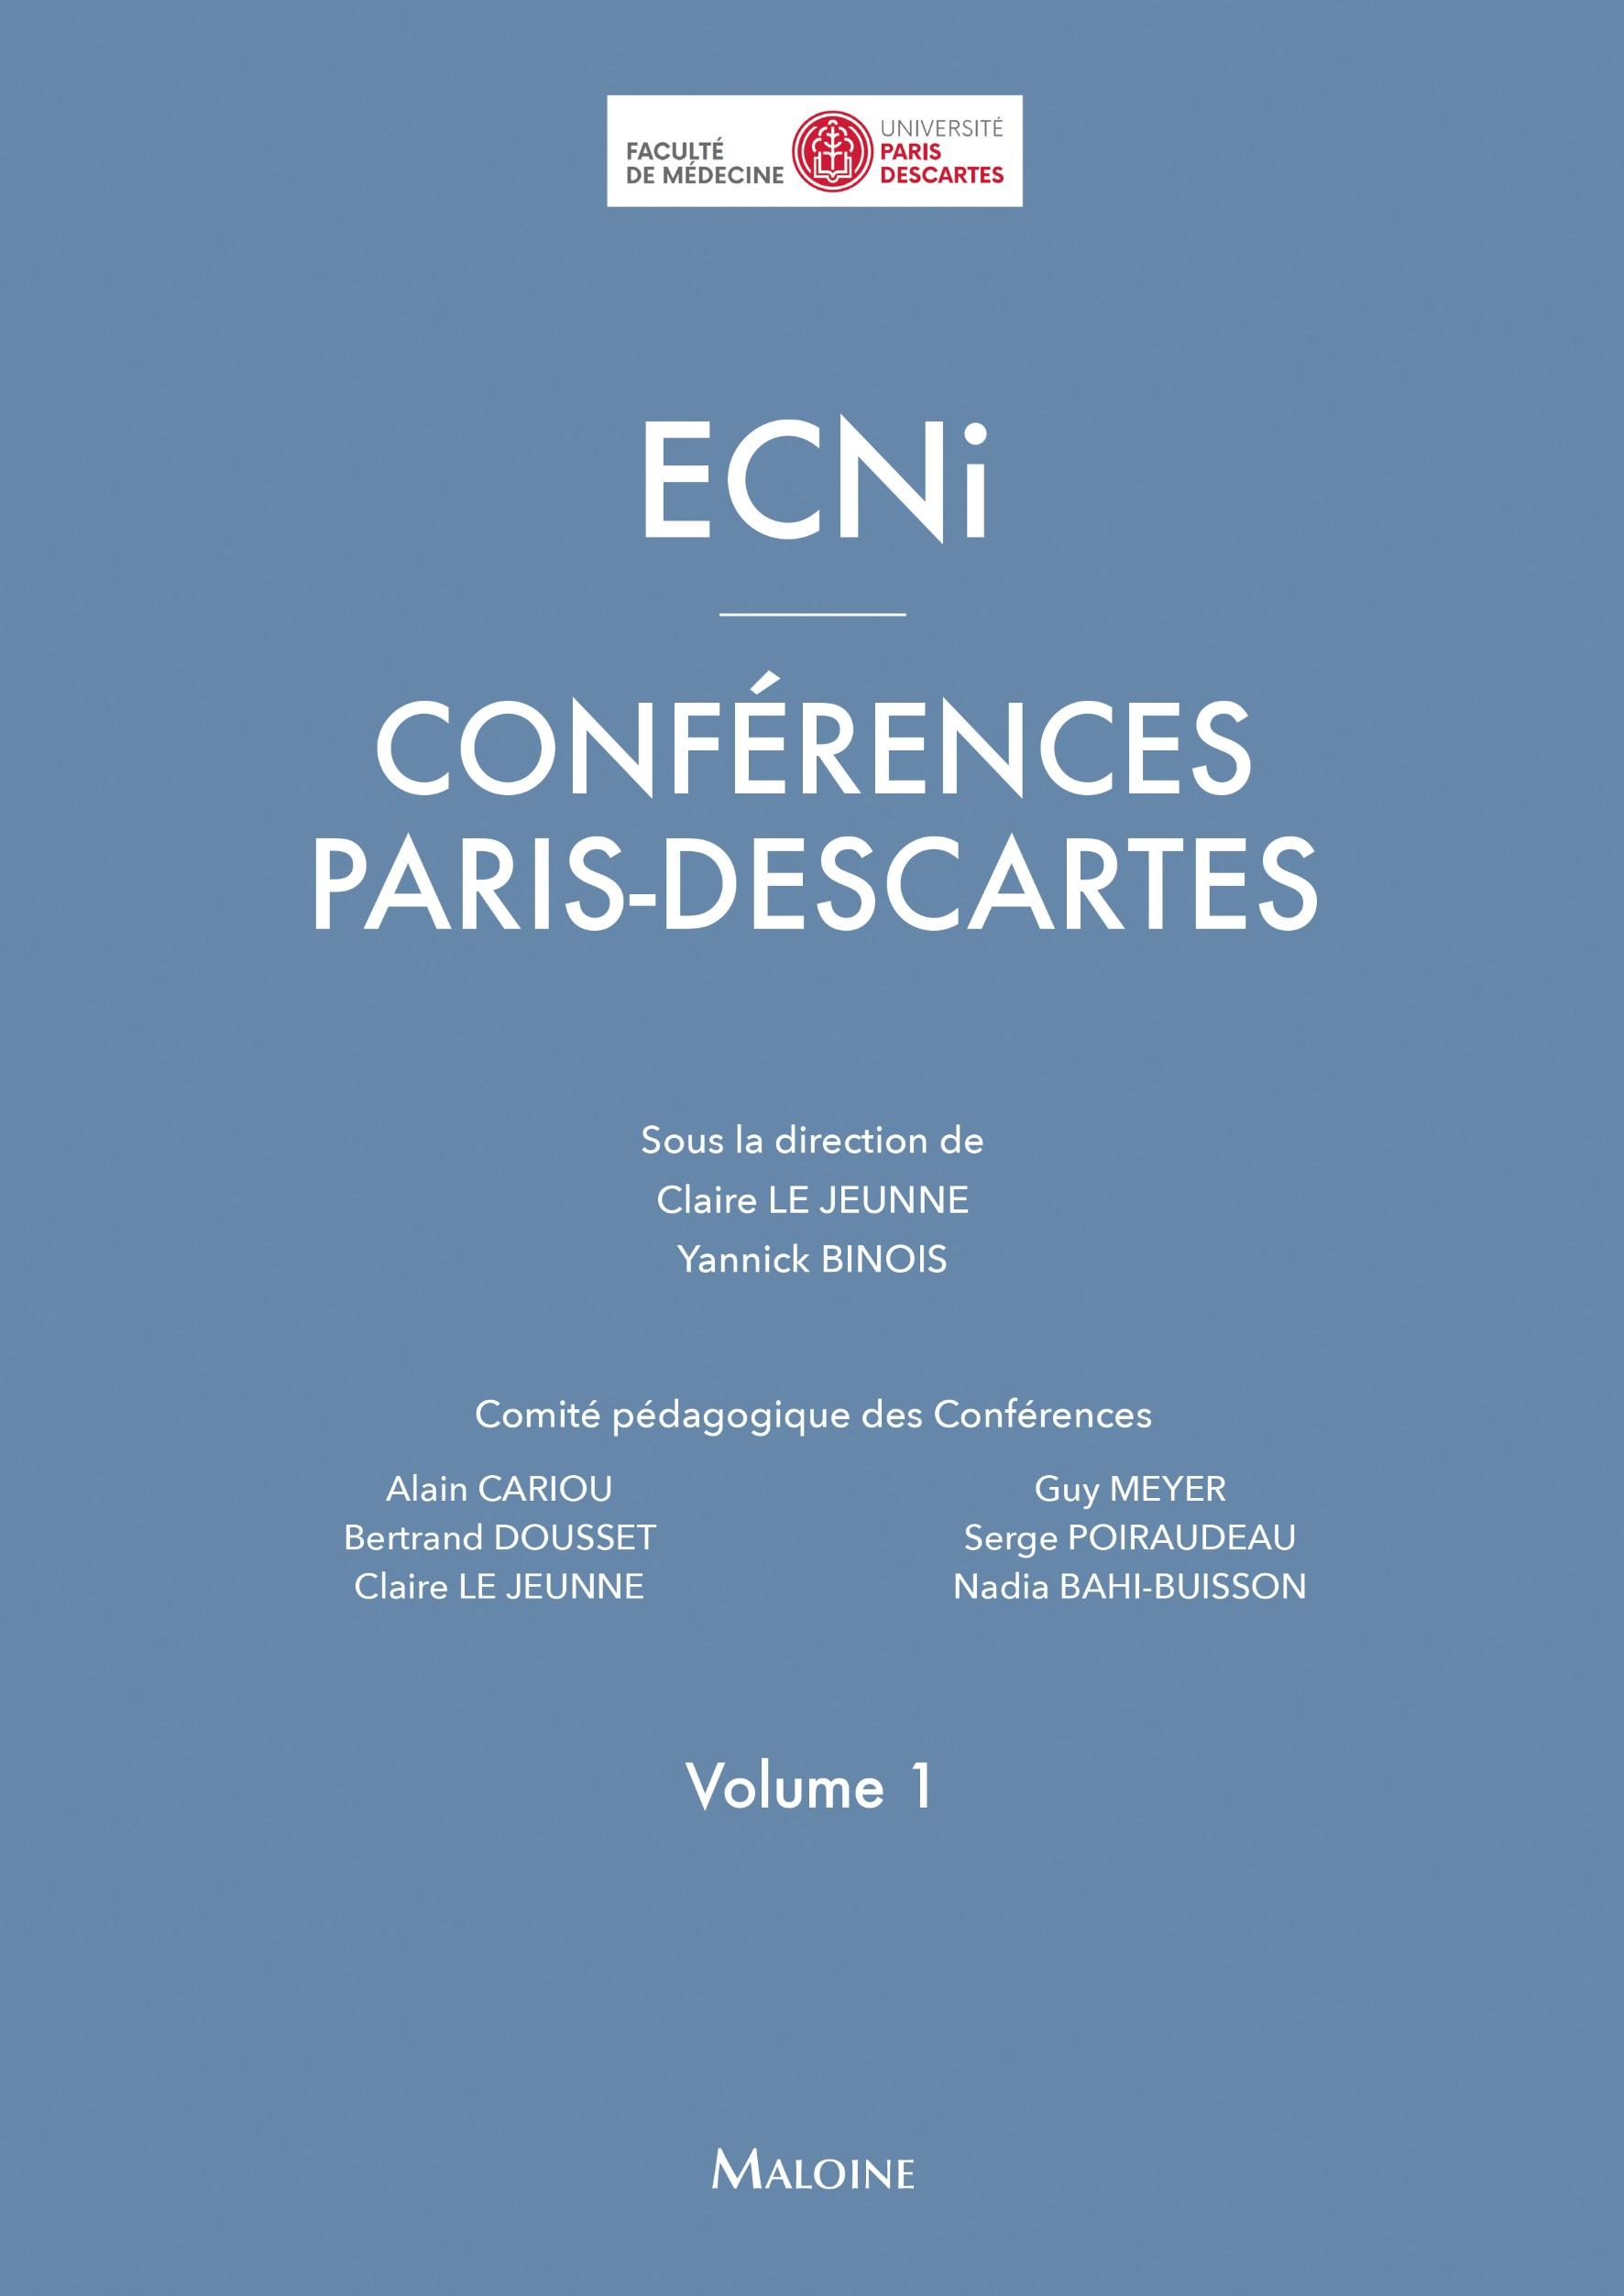 ECNi - Conférences Paris Descartes Vol. 1